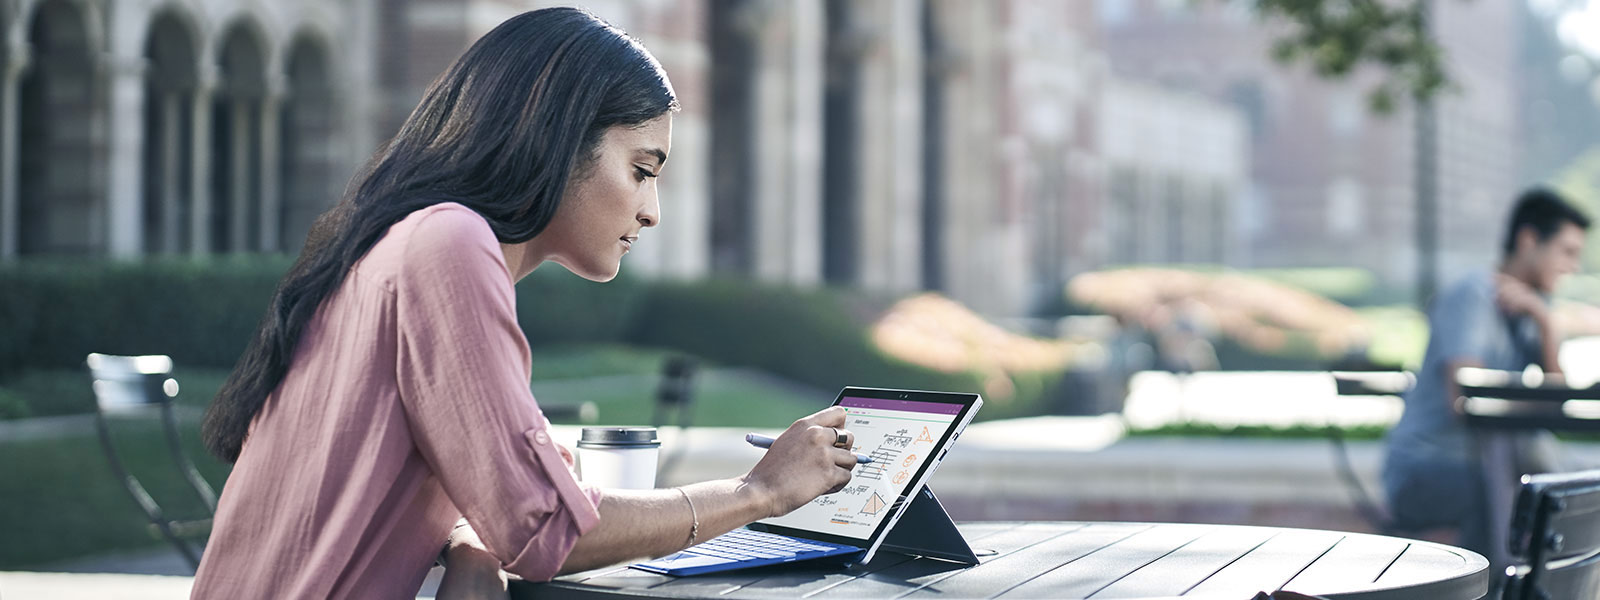 Mujer que usa los gestos de acercar los dedos y zoom en Surface Studio con el Lápiz y los gestos táctiles.